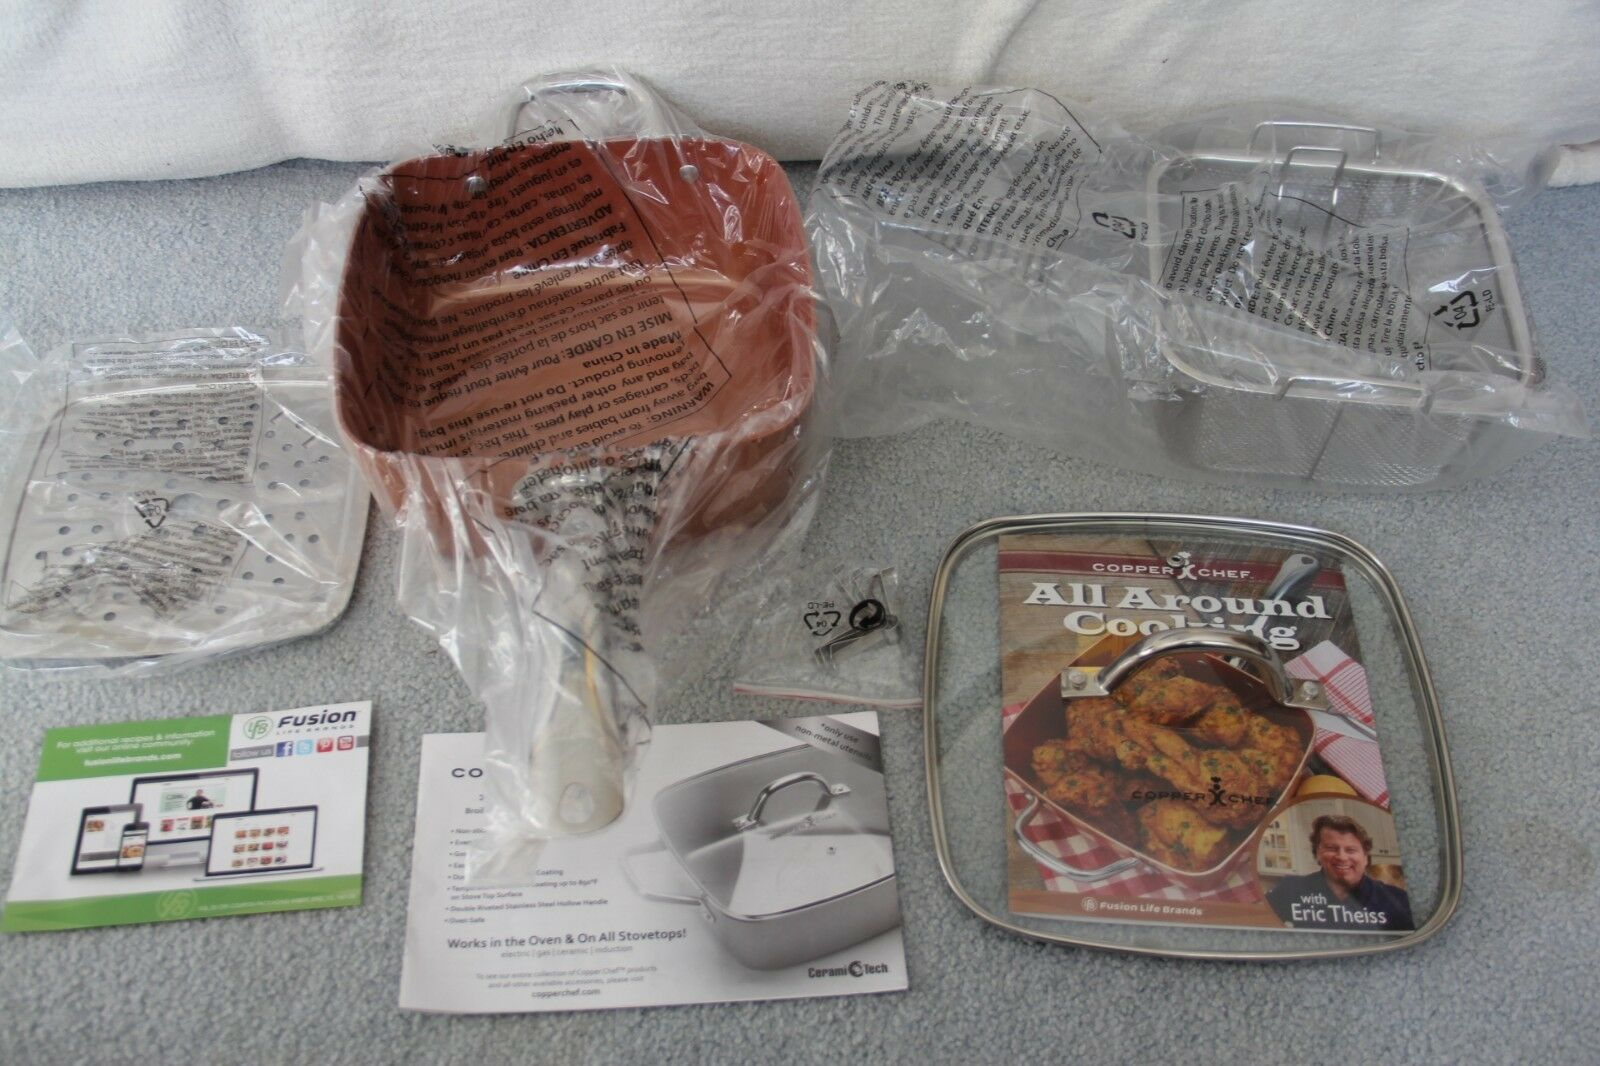 Nouveau Cuivre chef 5 Pièces 9.5 in (environ 24.13 cm) Square Deep Fry Pan Set couvercle Kitchen Cookware